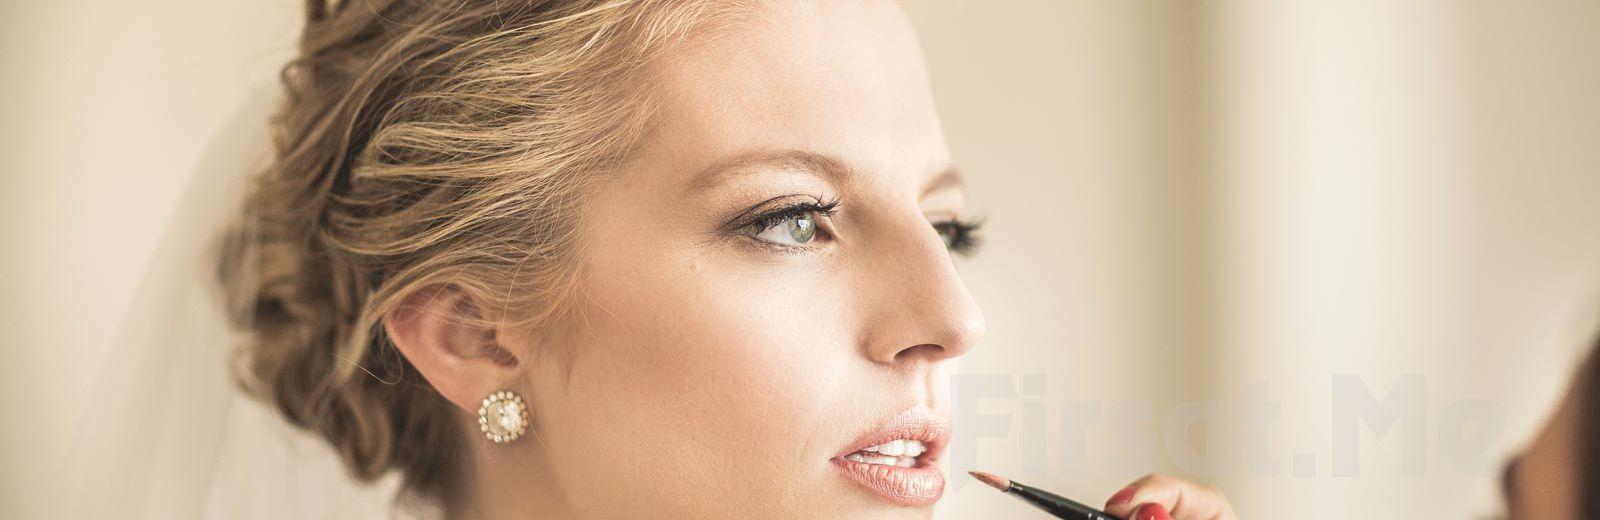 Büyükçekmece Kuaför Soner Güzellik Merkezi'nde Gelin Saçı ve Porselen Makyaj Fırsatı!